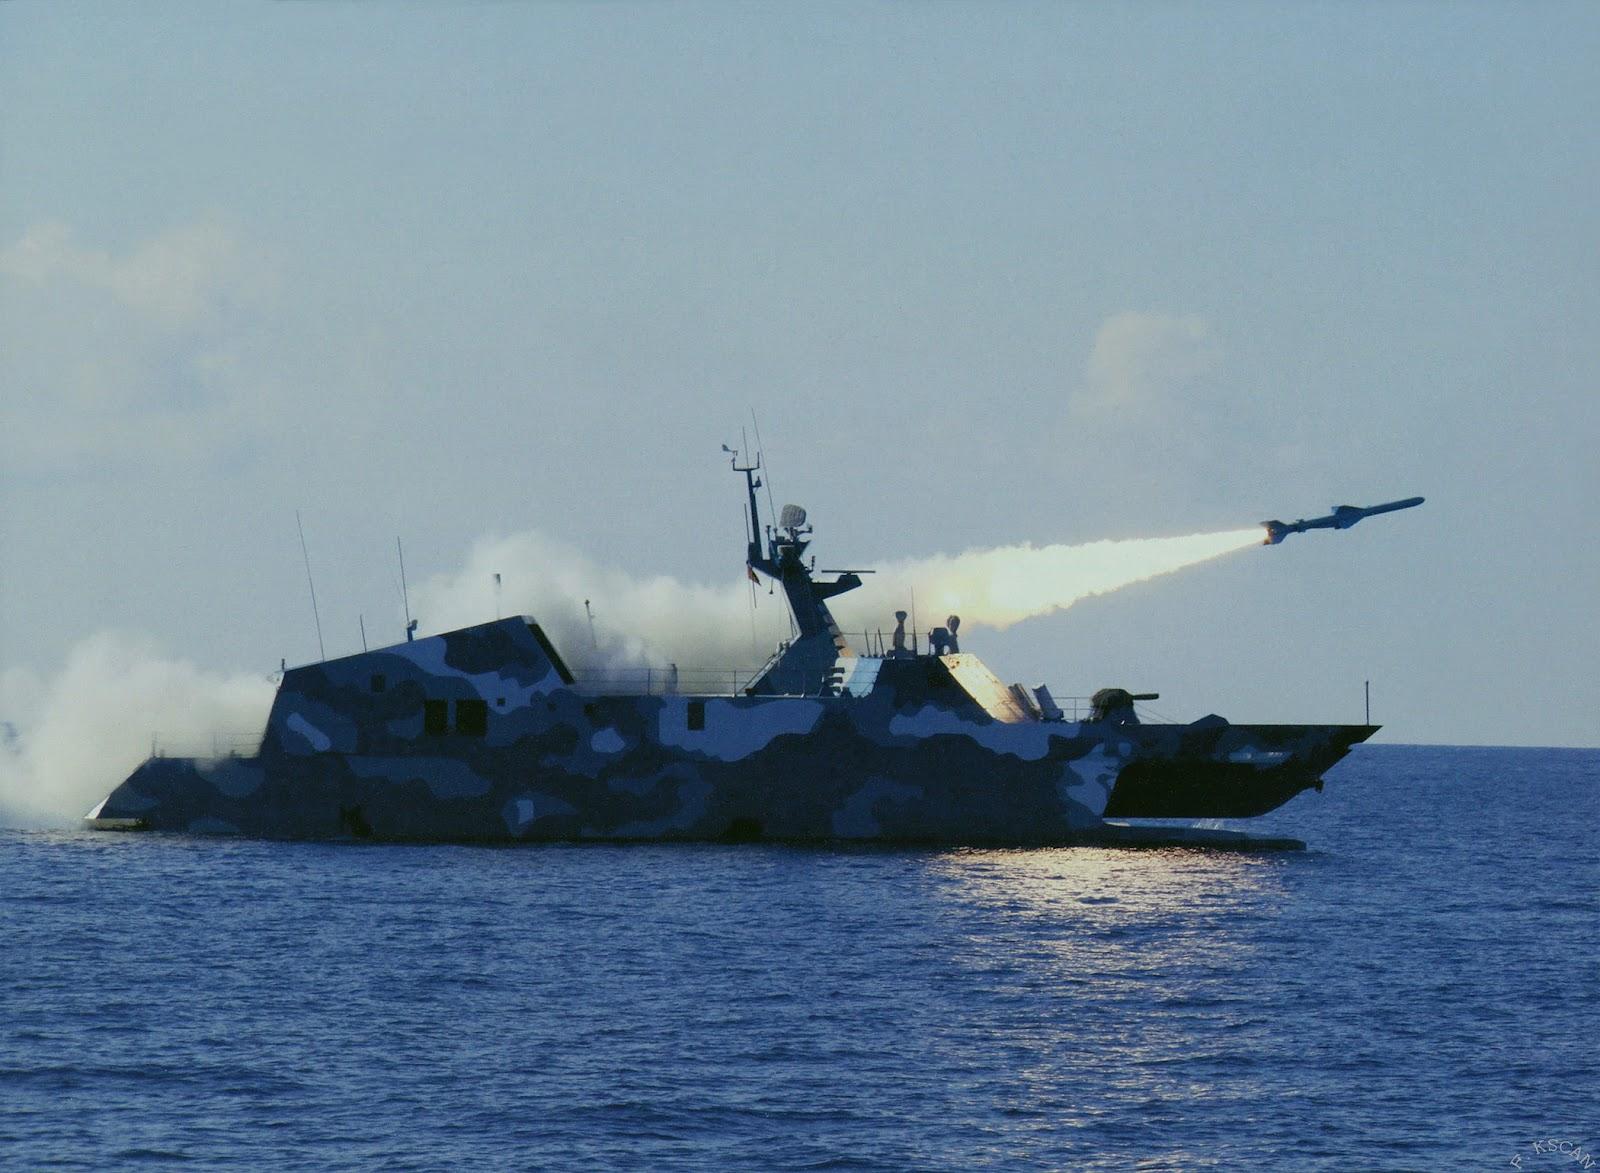 زورق الصواريخ Houbei Hai-quan-trung-quoc-giaoduc.net.vn